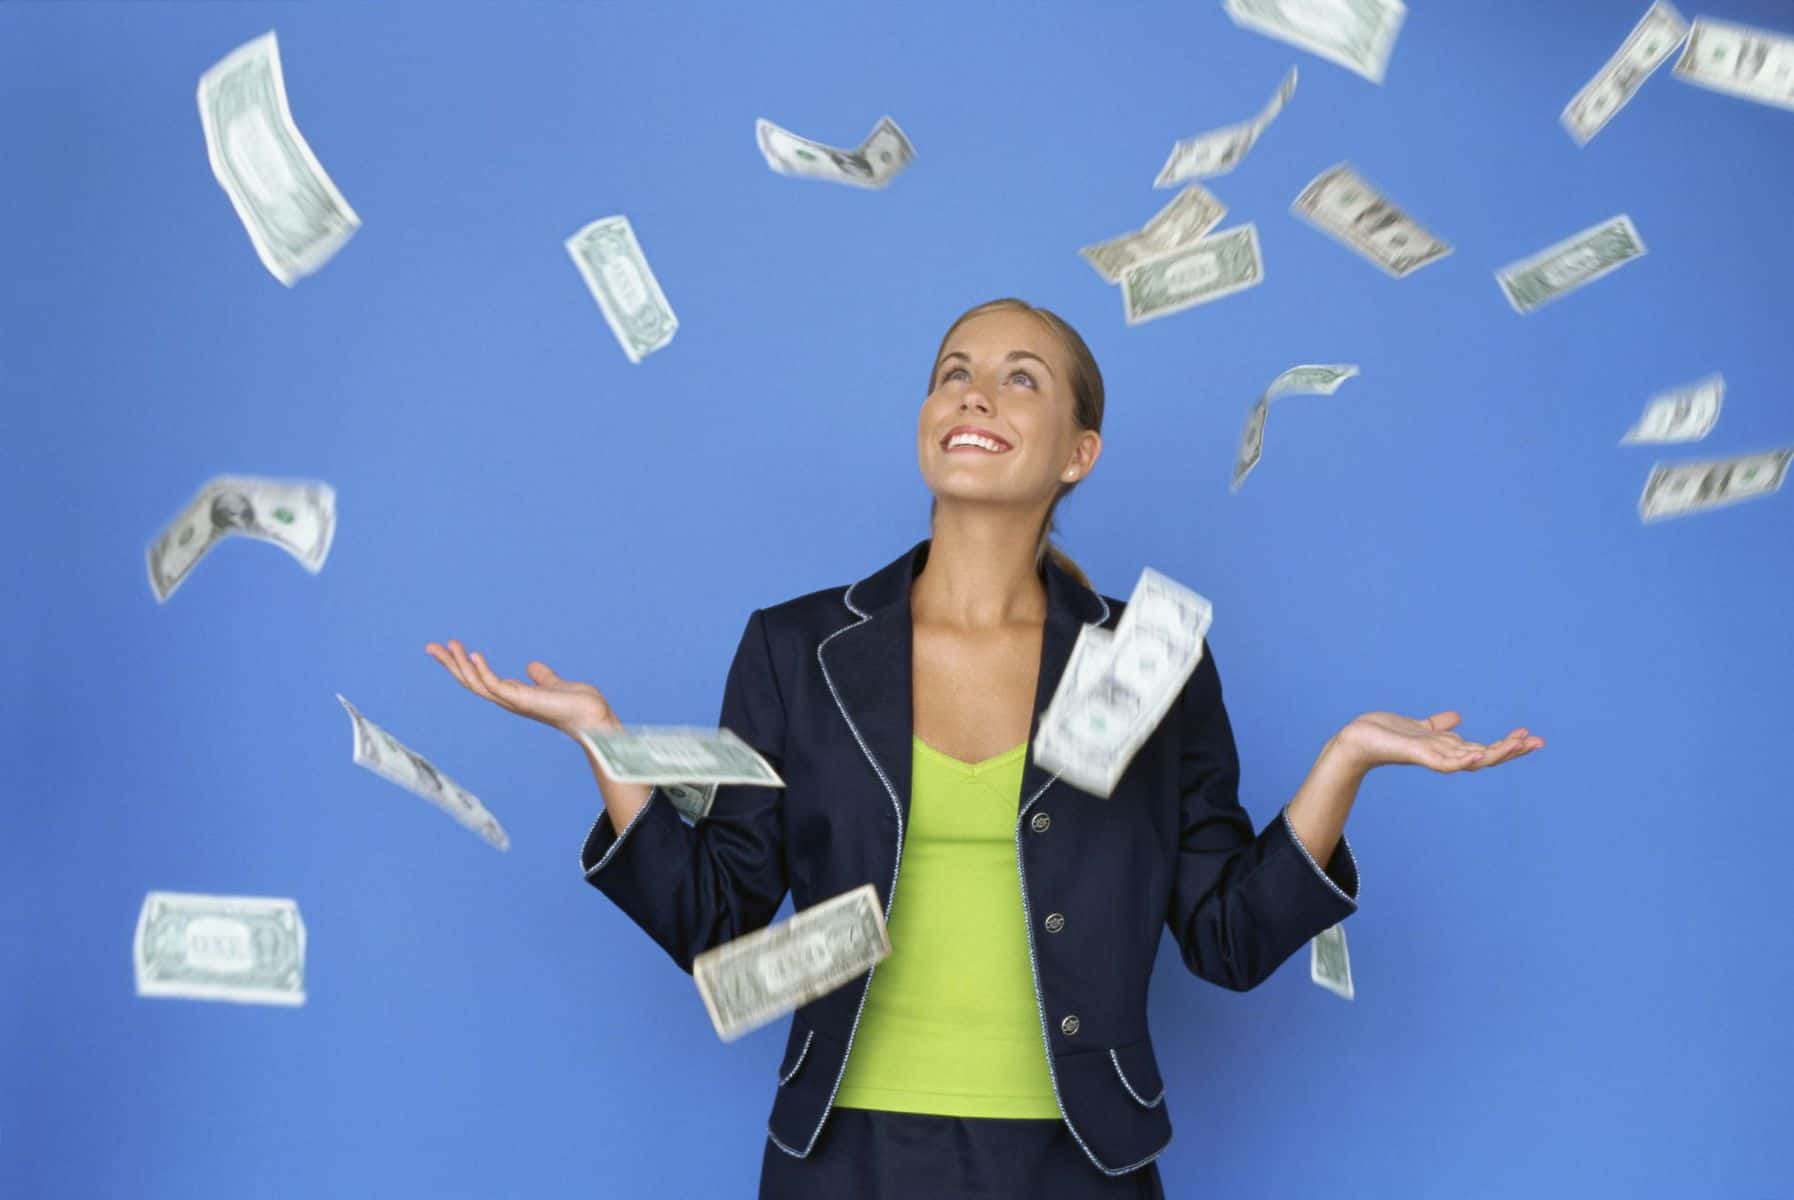 החזרי מס בגין הפסקת עבודה